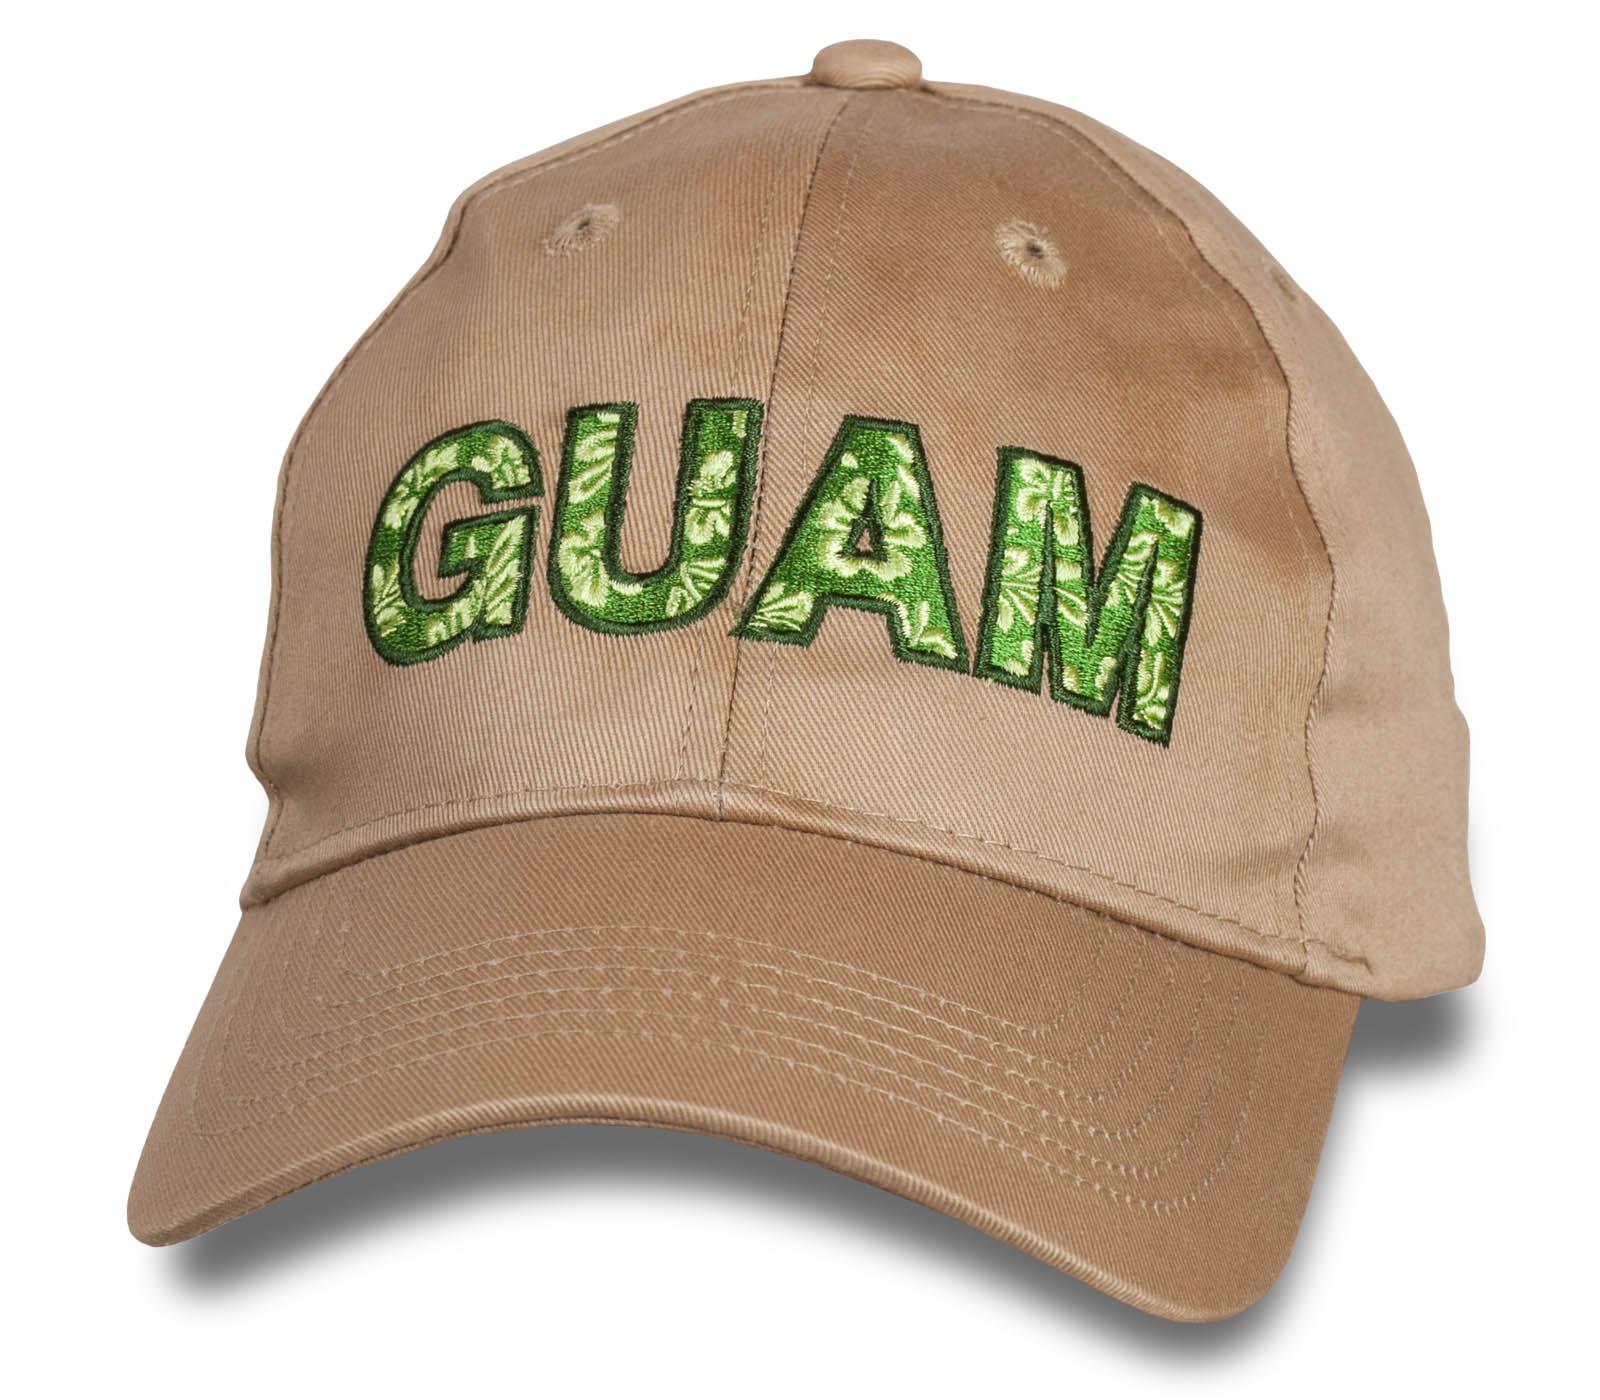 Стильная бежевая бейсболка Guam